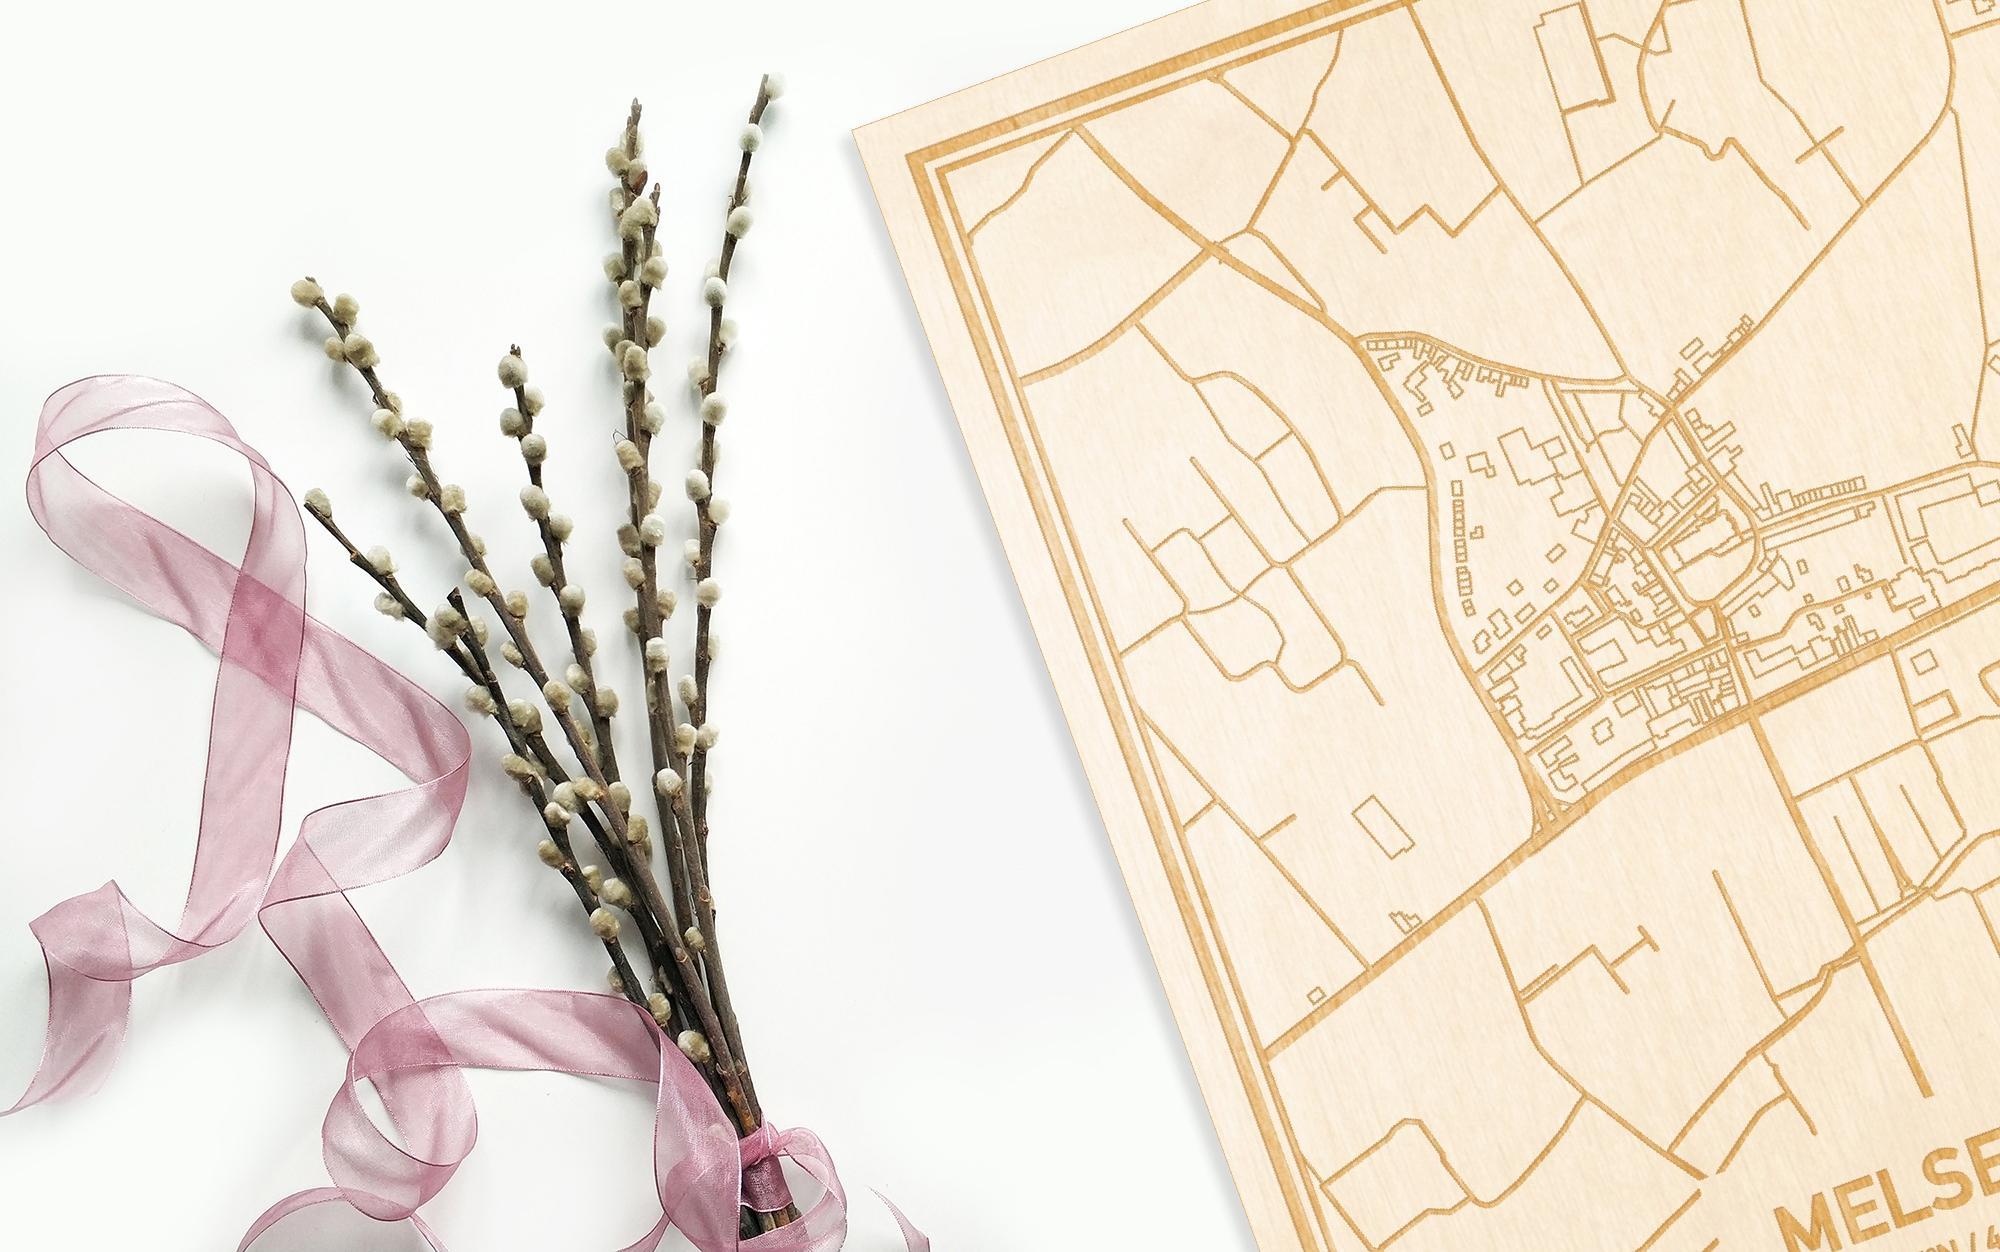 Hier ligt de houten plattegrond Melsele naast een bloemetje als gepersonaliseerd cadeau voor haar.